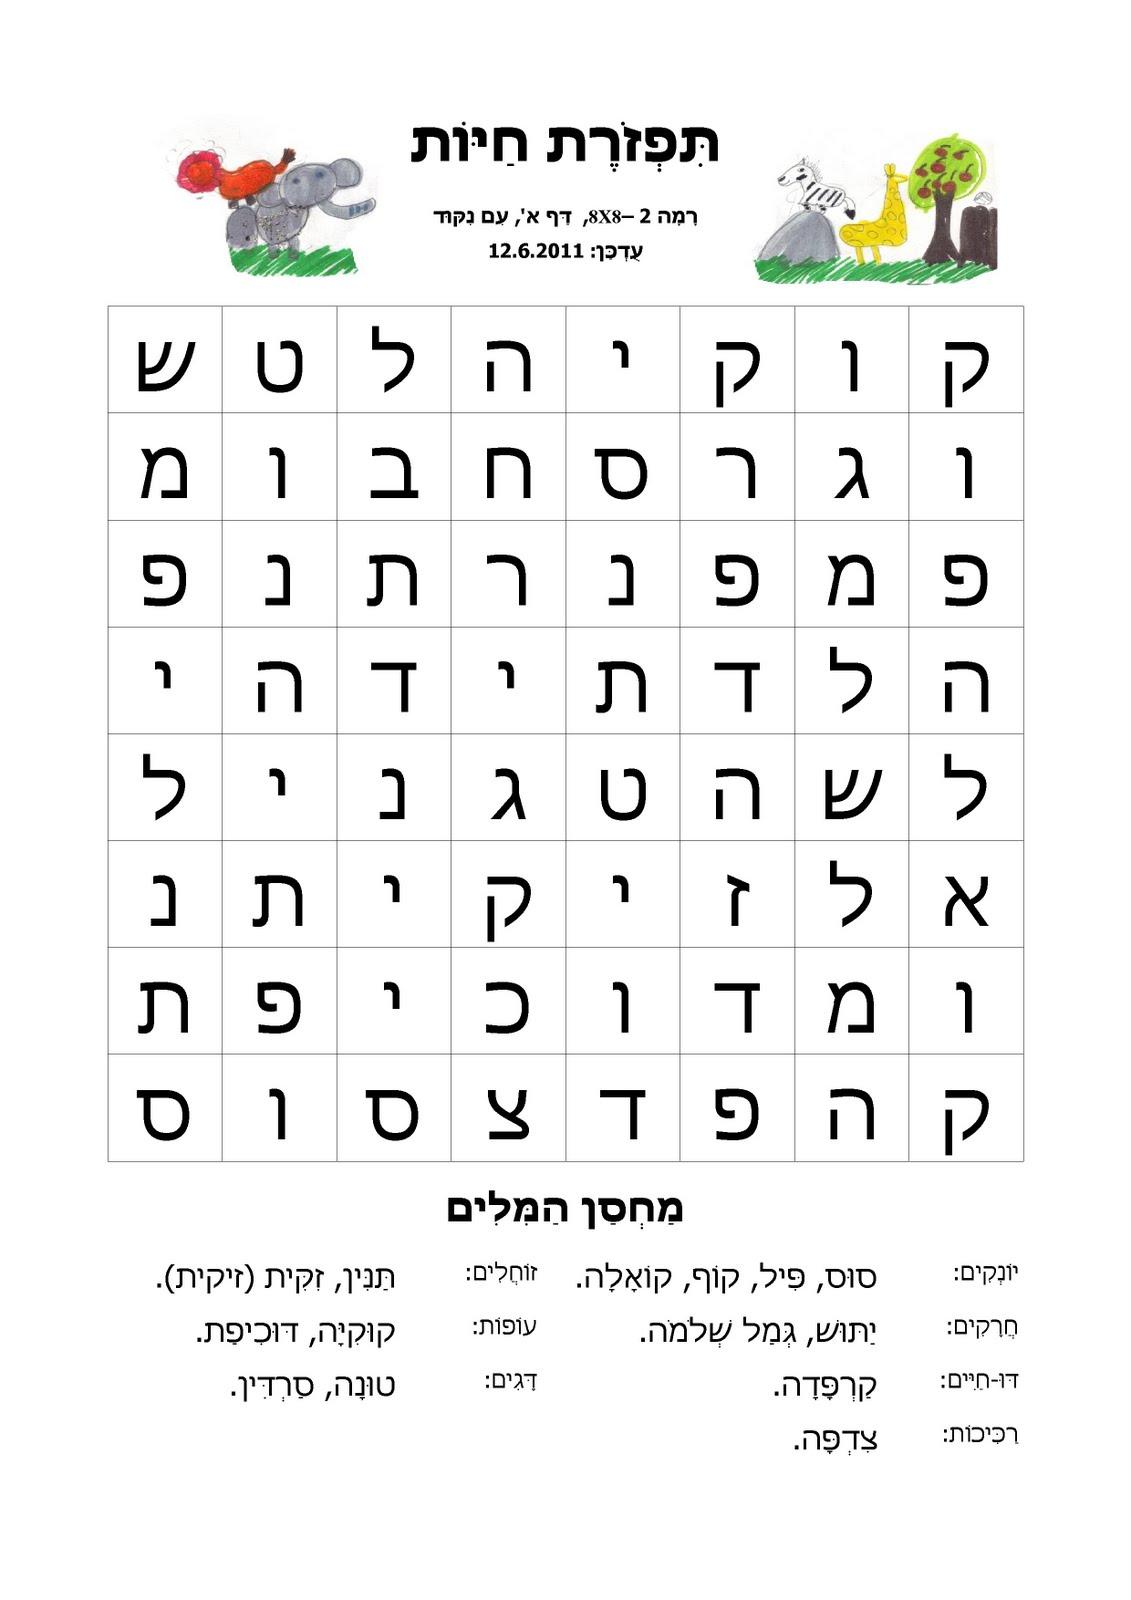 Worksheet For Learning Hebrew